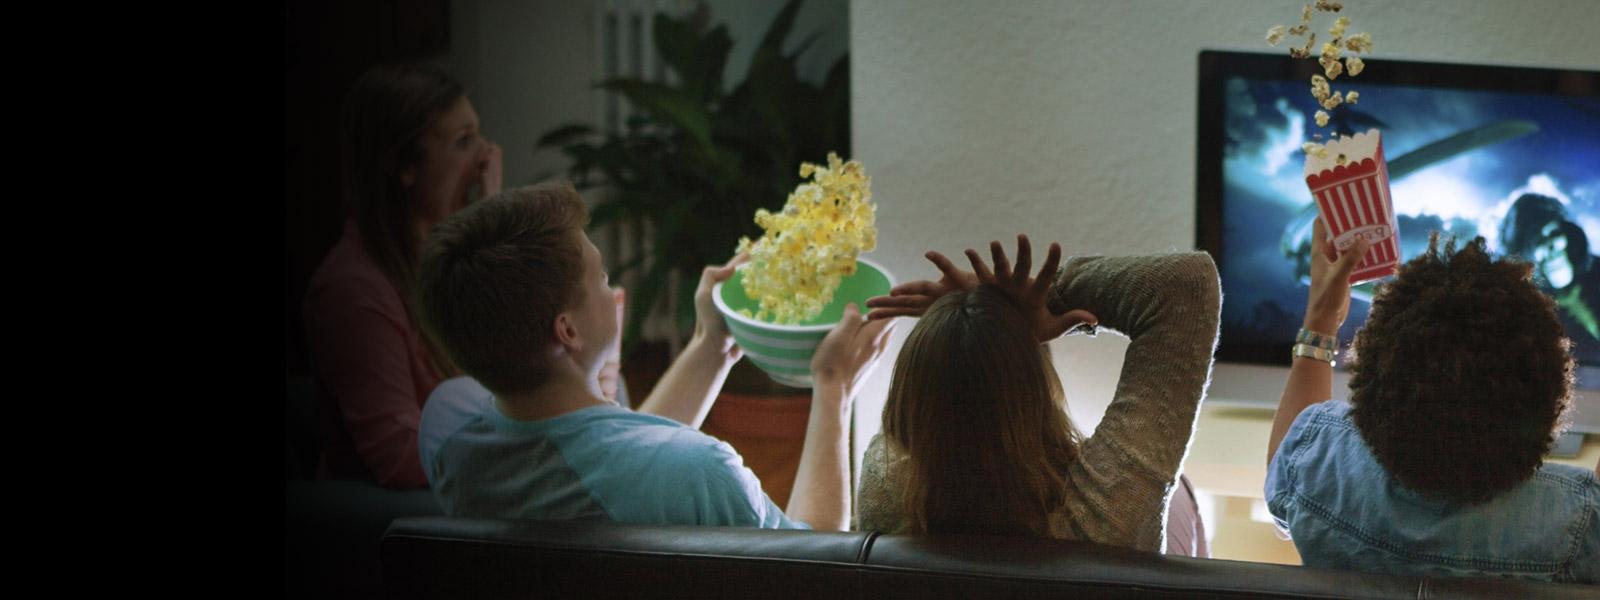 Personas sentadas en el sofá viendo una película